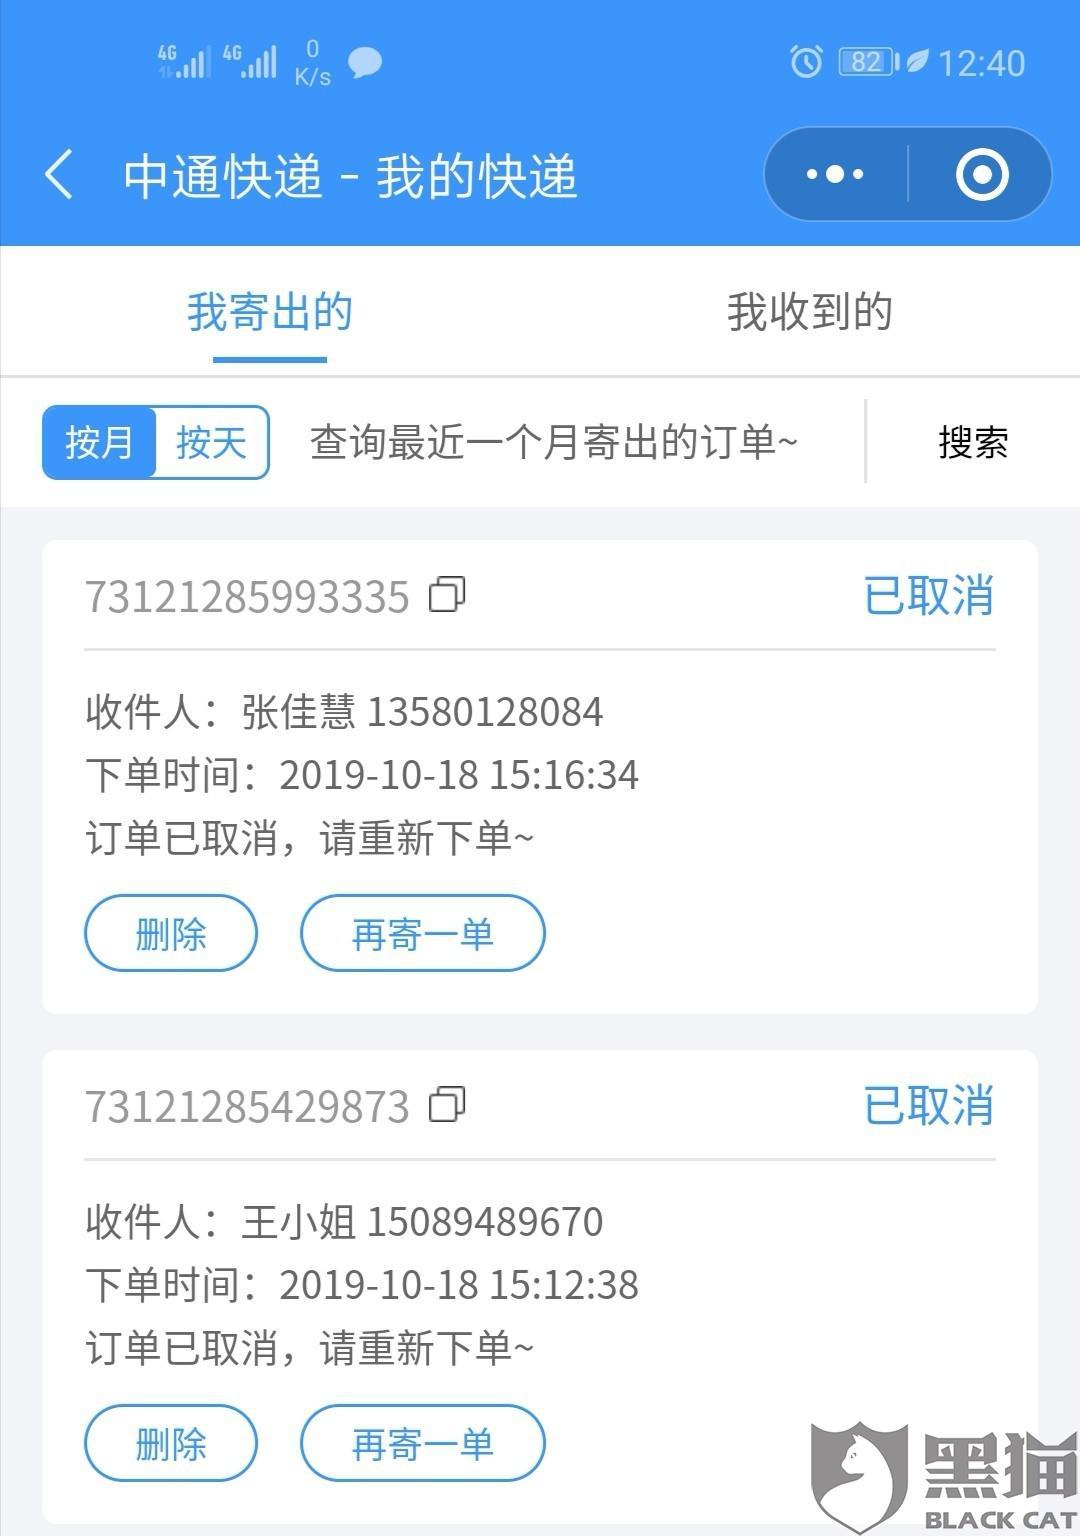 黑猫投诉:中通快递上海浦东三林快递员崔驰侮辱人骂脏话